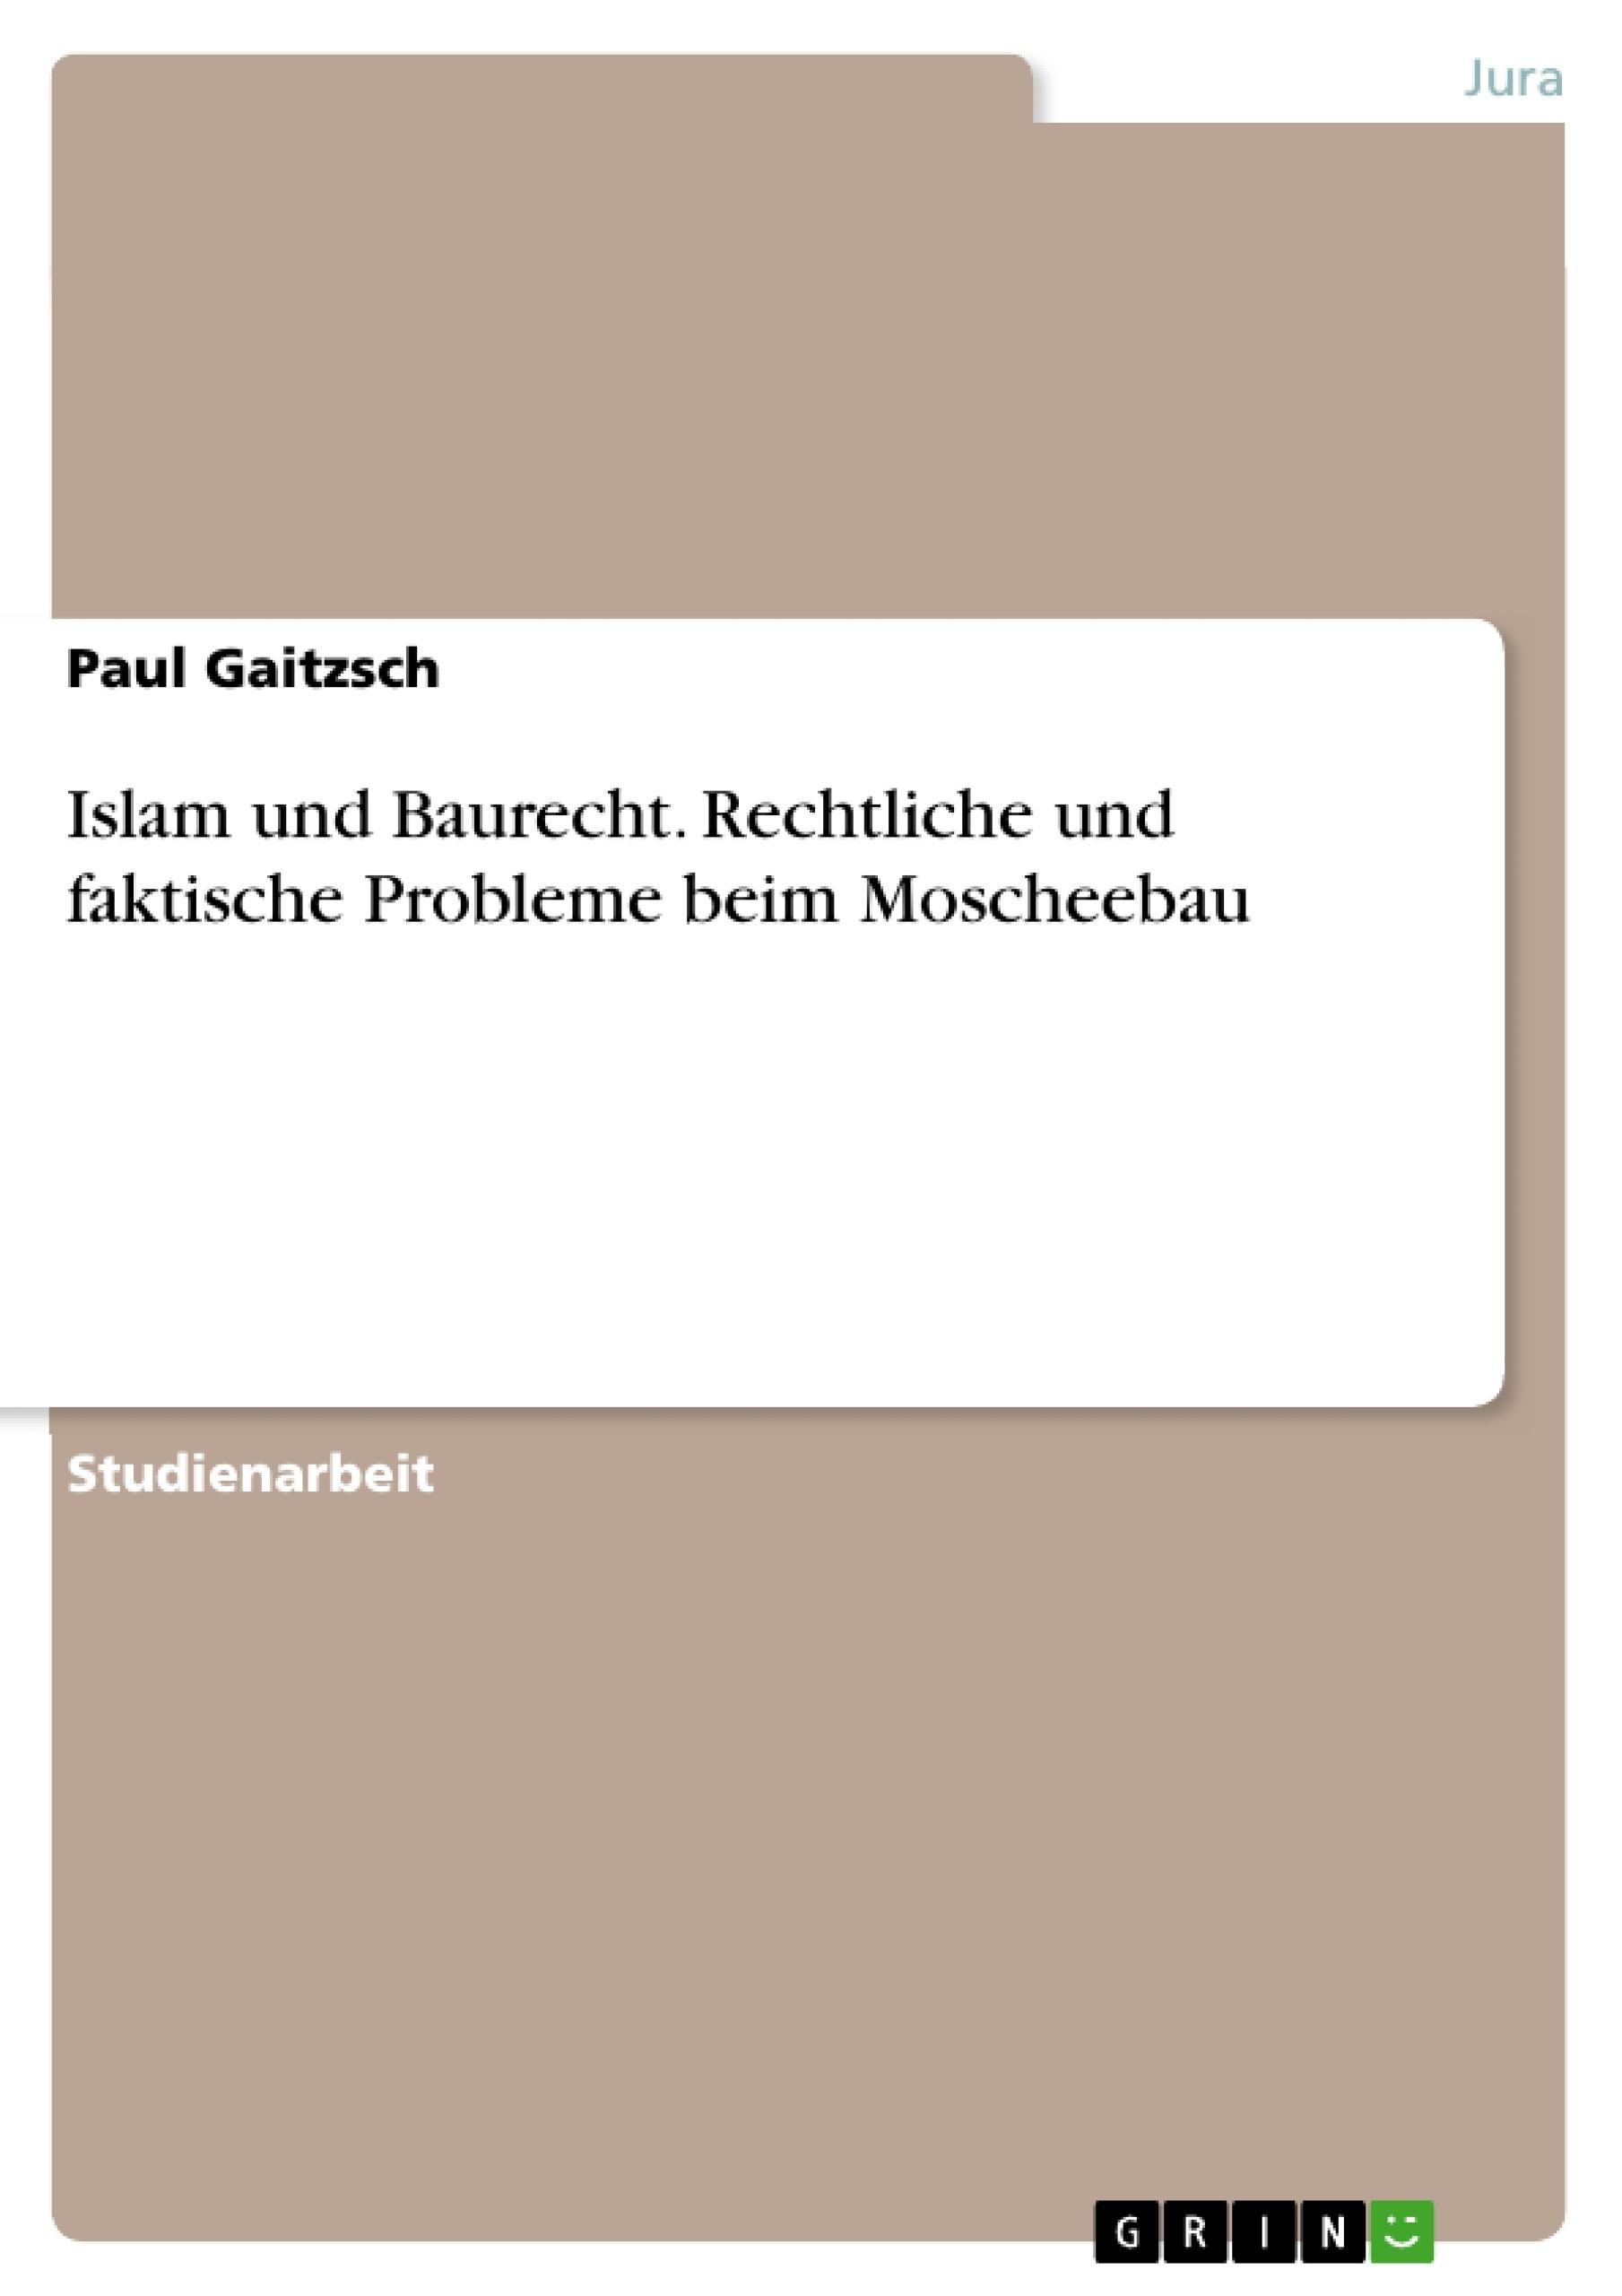 Titel: Islam und Baurecht. Rechtliche und faktische Probleme beim Moscheebau